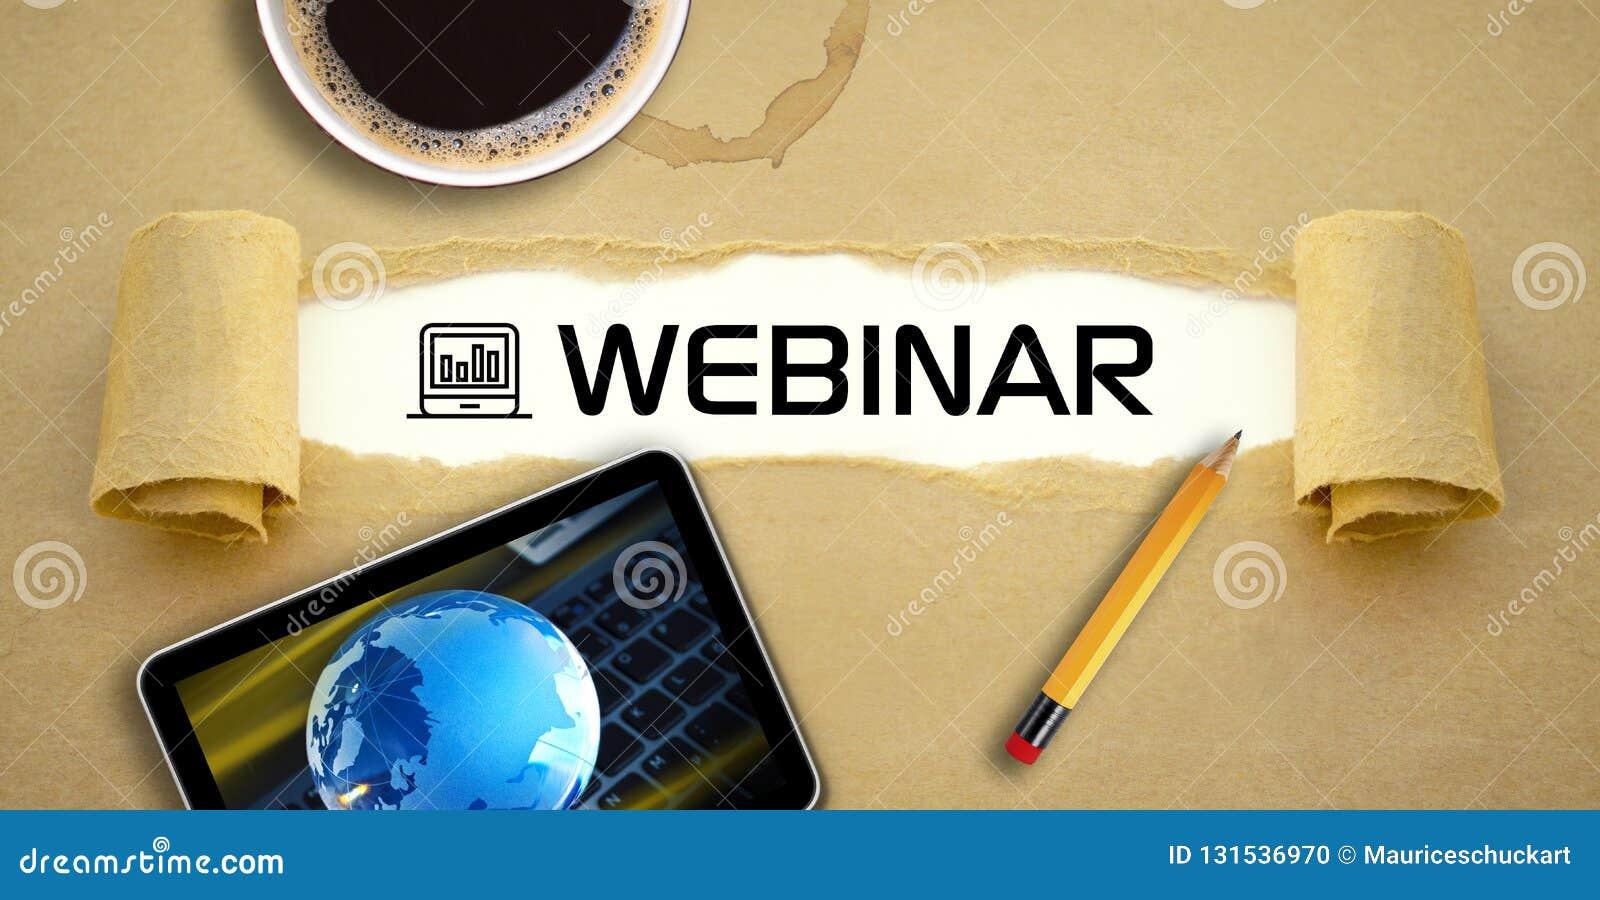 Cours en ligne de étude en ligne webinar d apprentissage en ligne